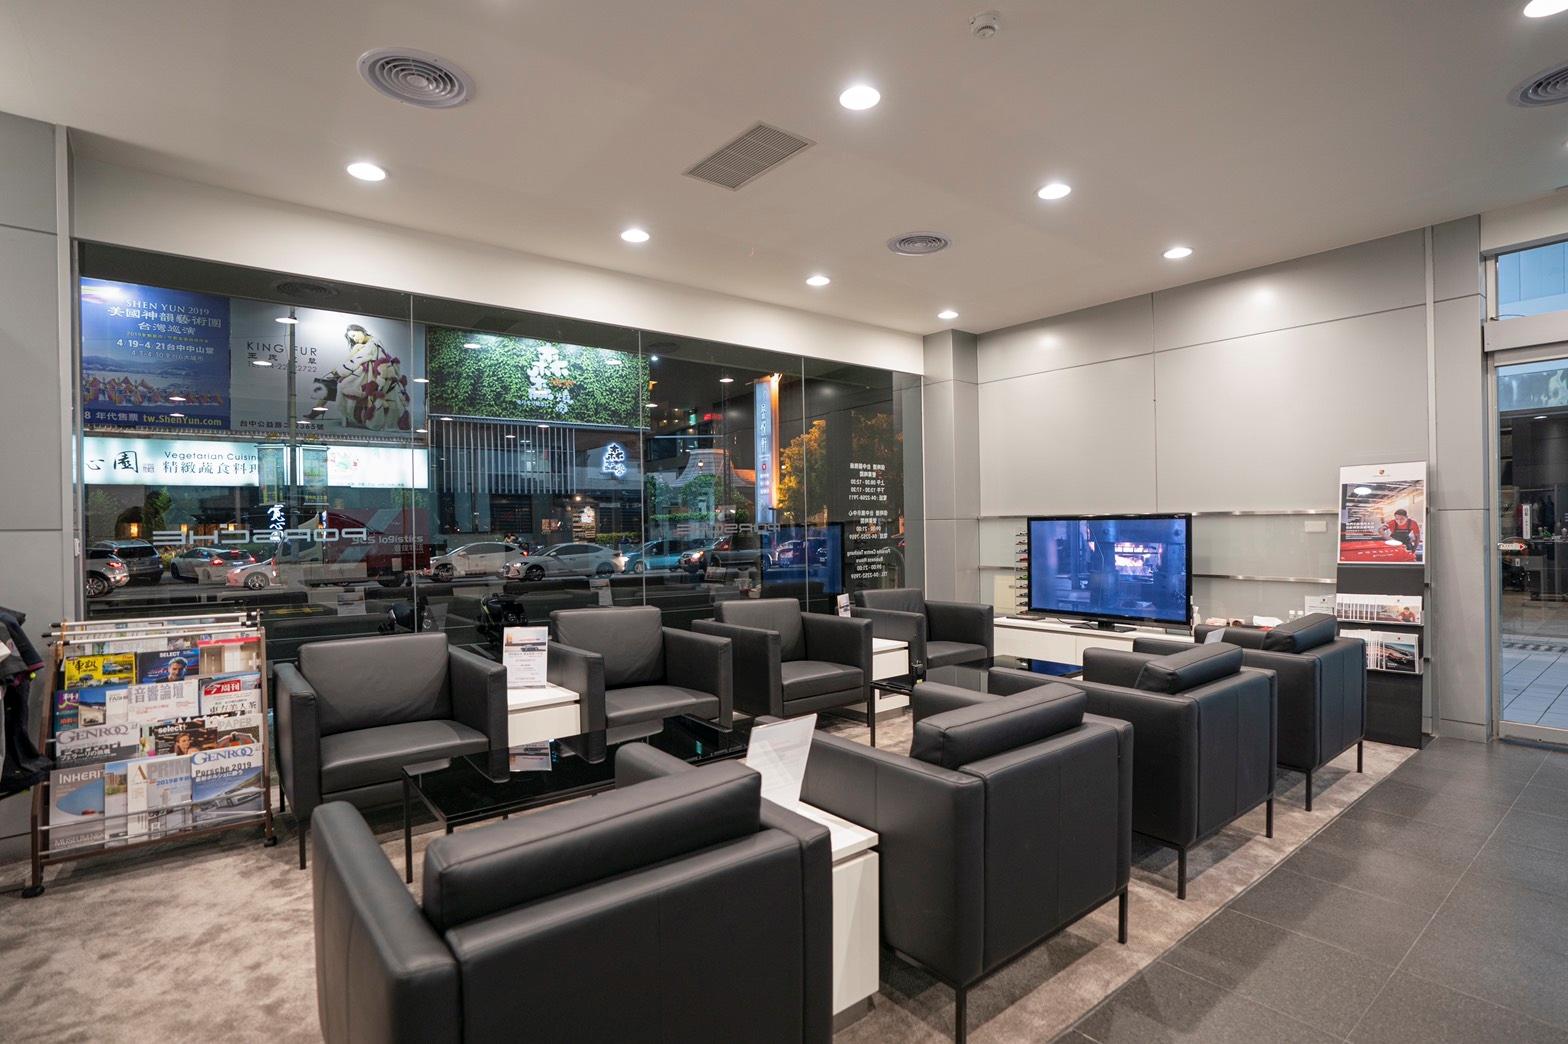 保時捷台中以現有展間為基礎,重新規劃賞車休憩動線與室內、室外空間格局,並購入原廠頂級傢俱及設備。